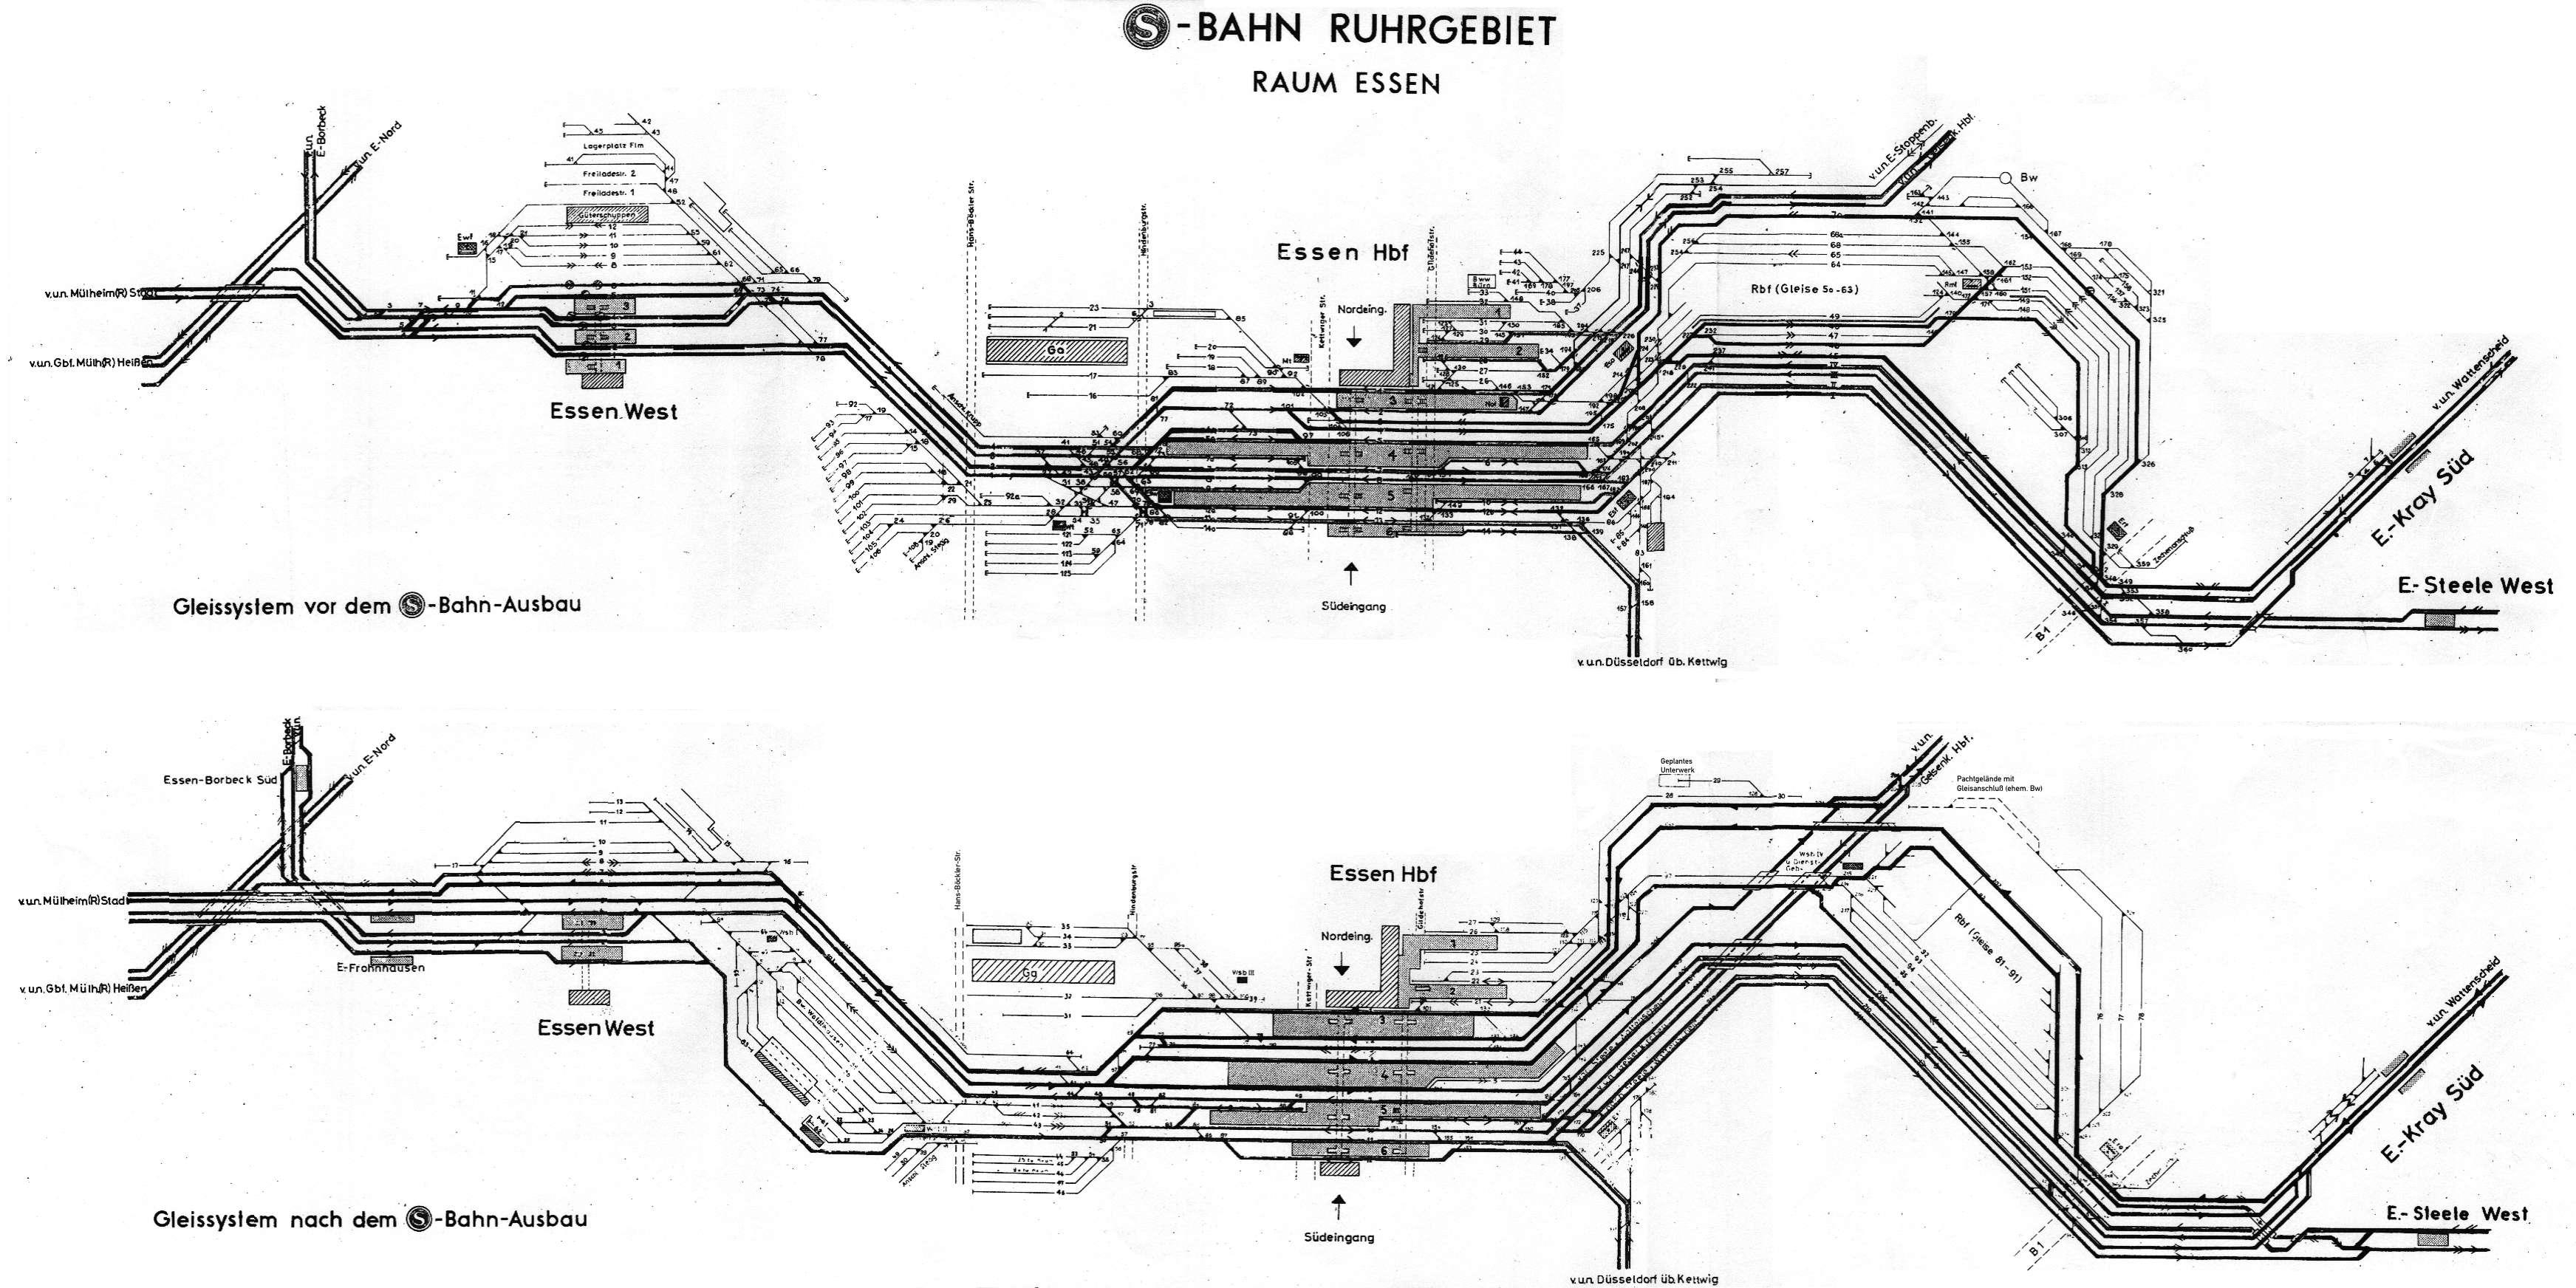 Drehscheibe Online Foren 04 Historische Bahn Frage zu